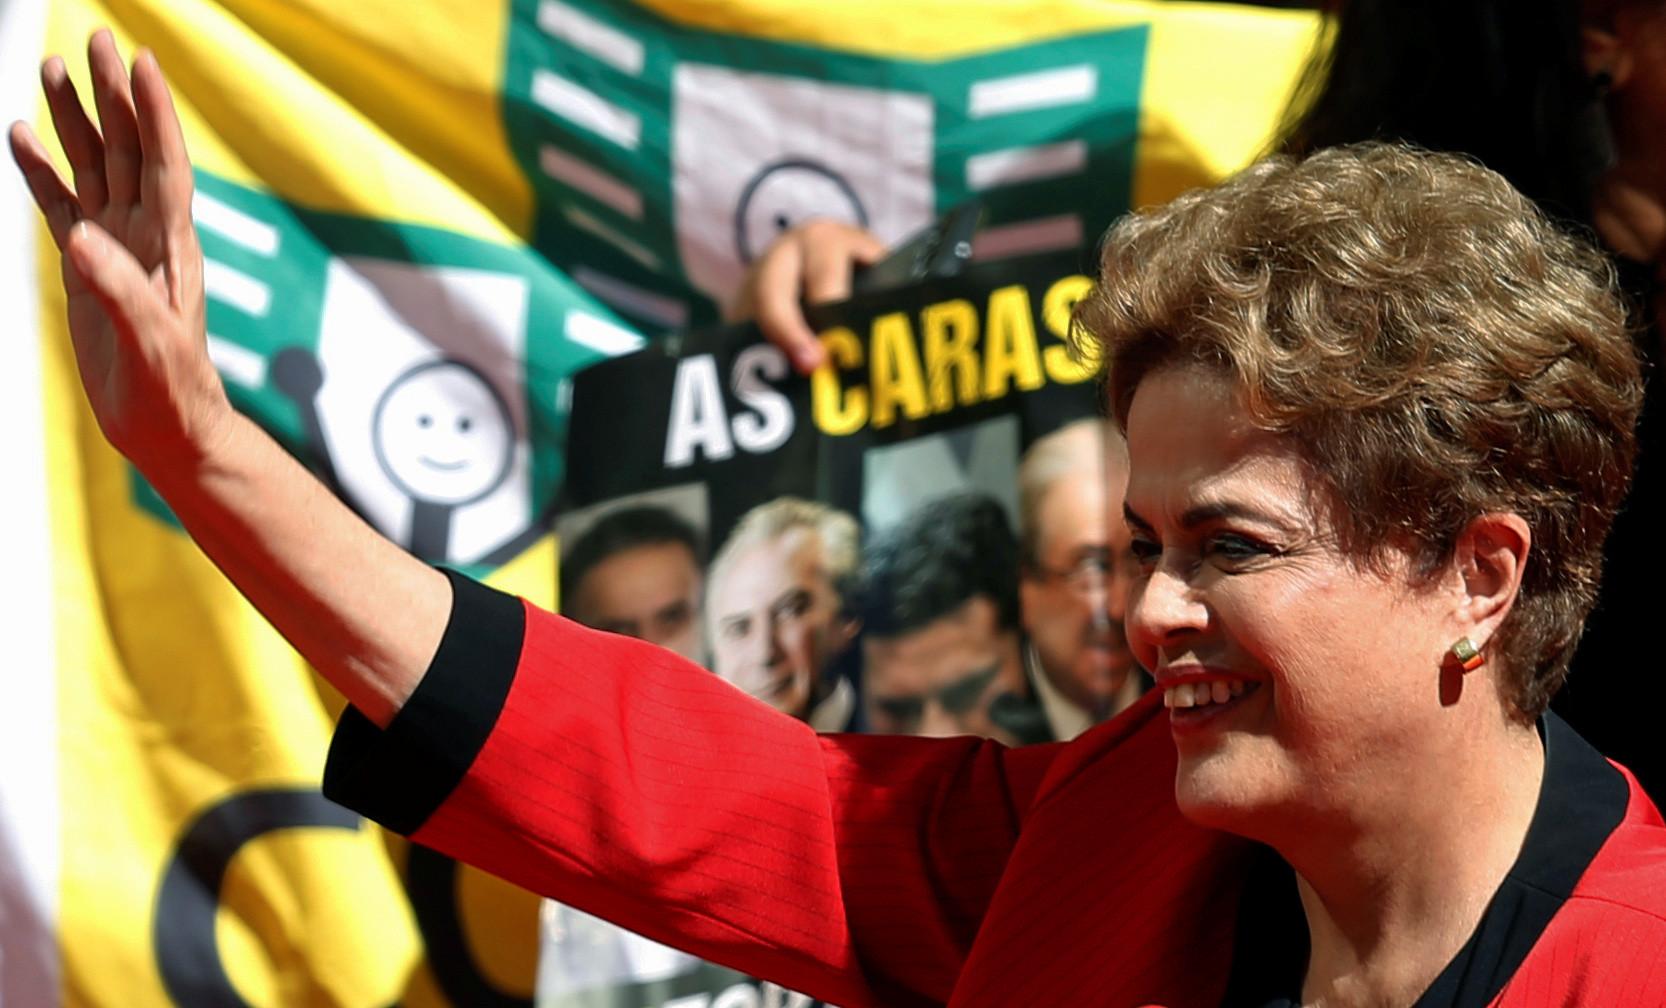 Die brasilianische Präsidentin Dilma Rousseff auf der 1. Mai-Kundgebung der Arbeiterpartei.